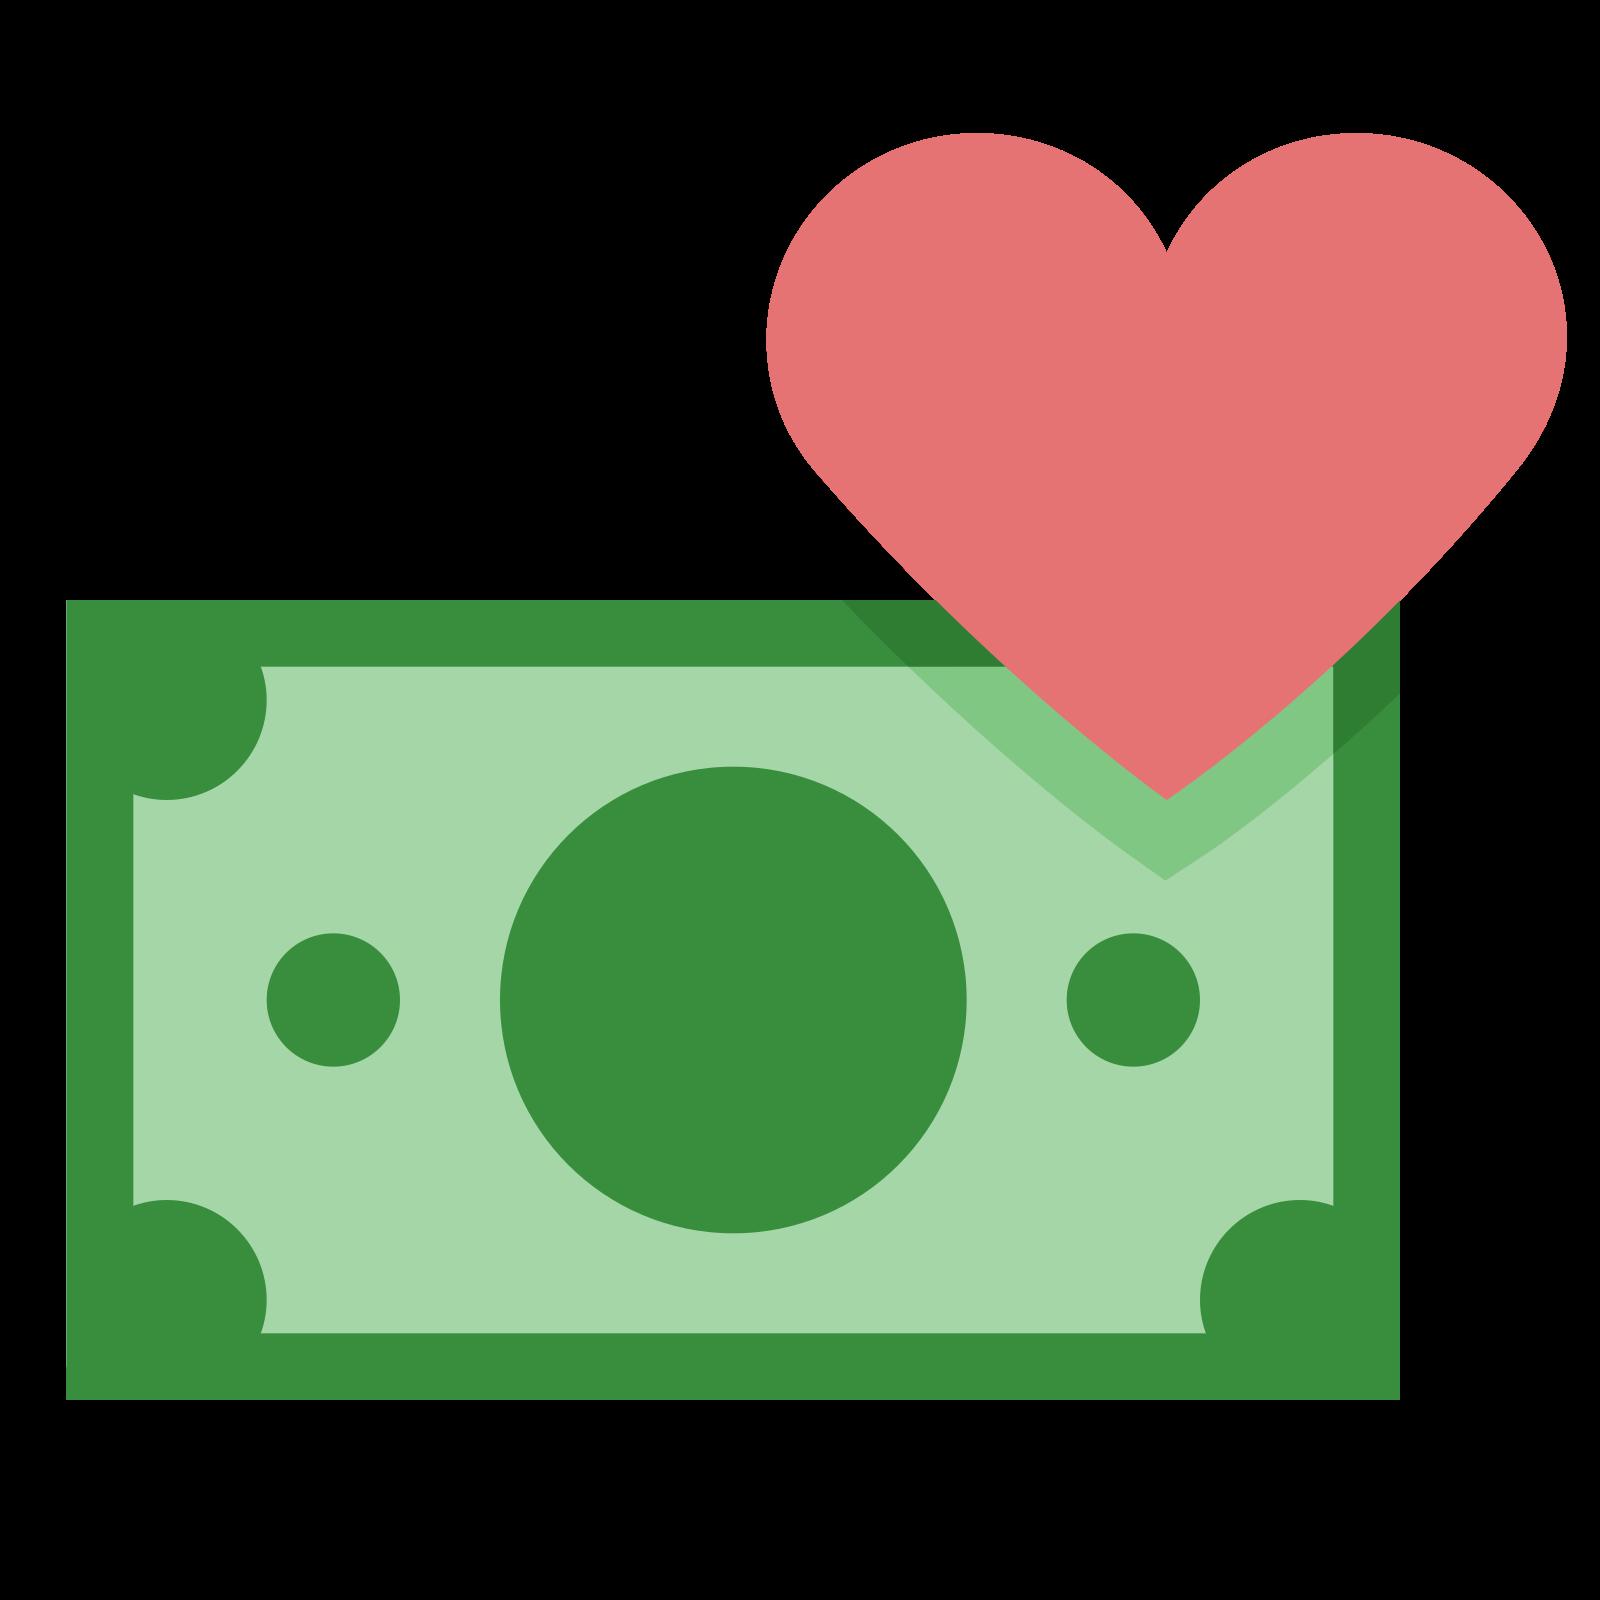 Amor por dinero icon